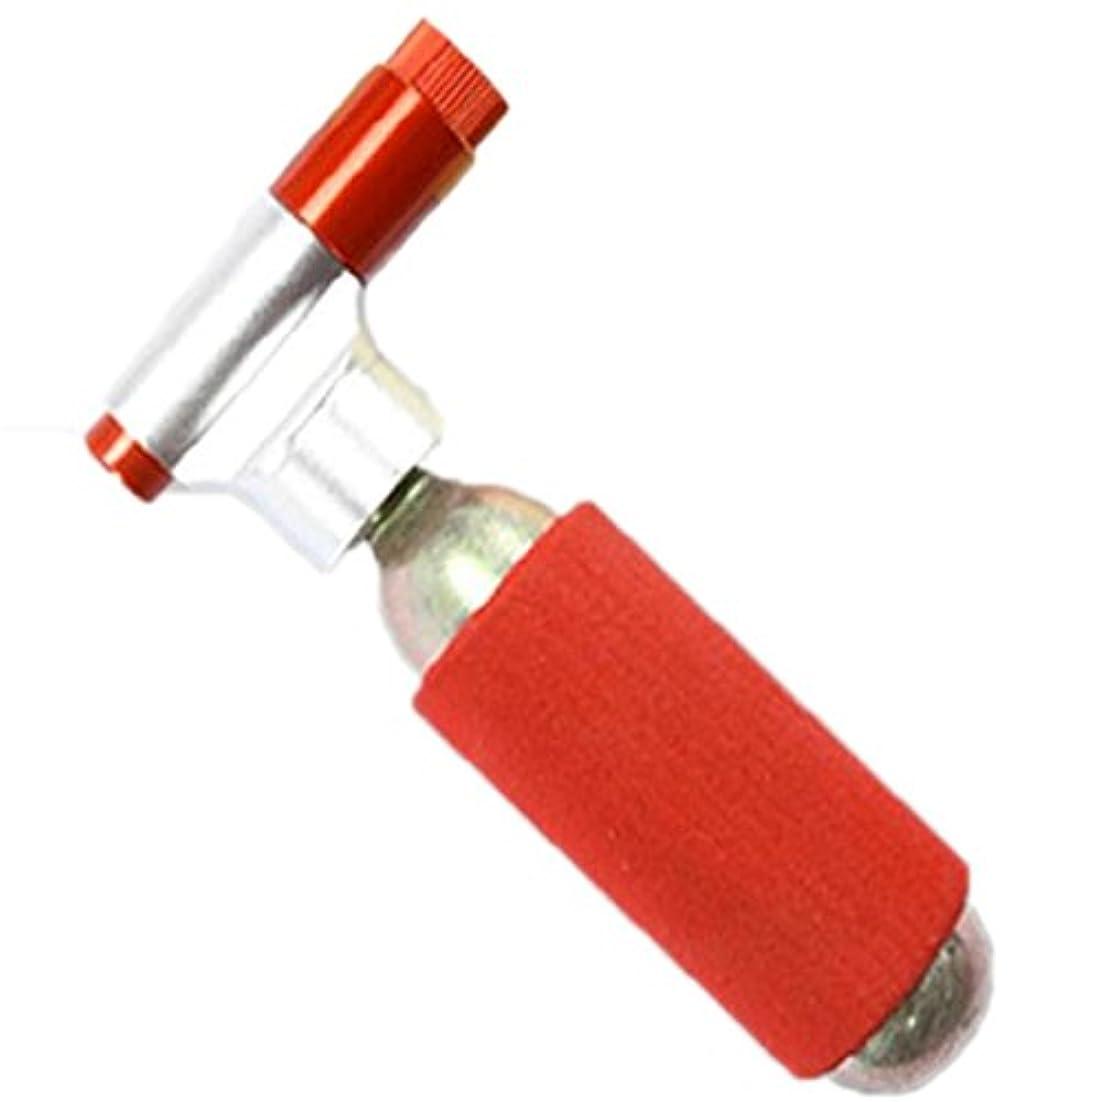 グリットラケットミニCO2 インフレーター ボンベセット エアバルブ 米式 仏式兼用 CO2ボンベ JG-1025 1個 (ボンベなし)